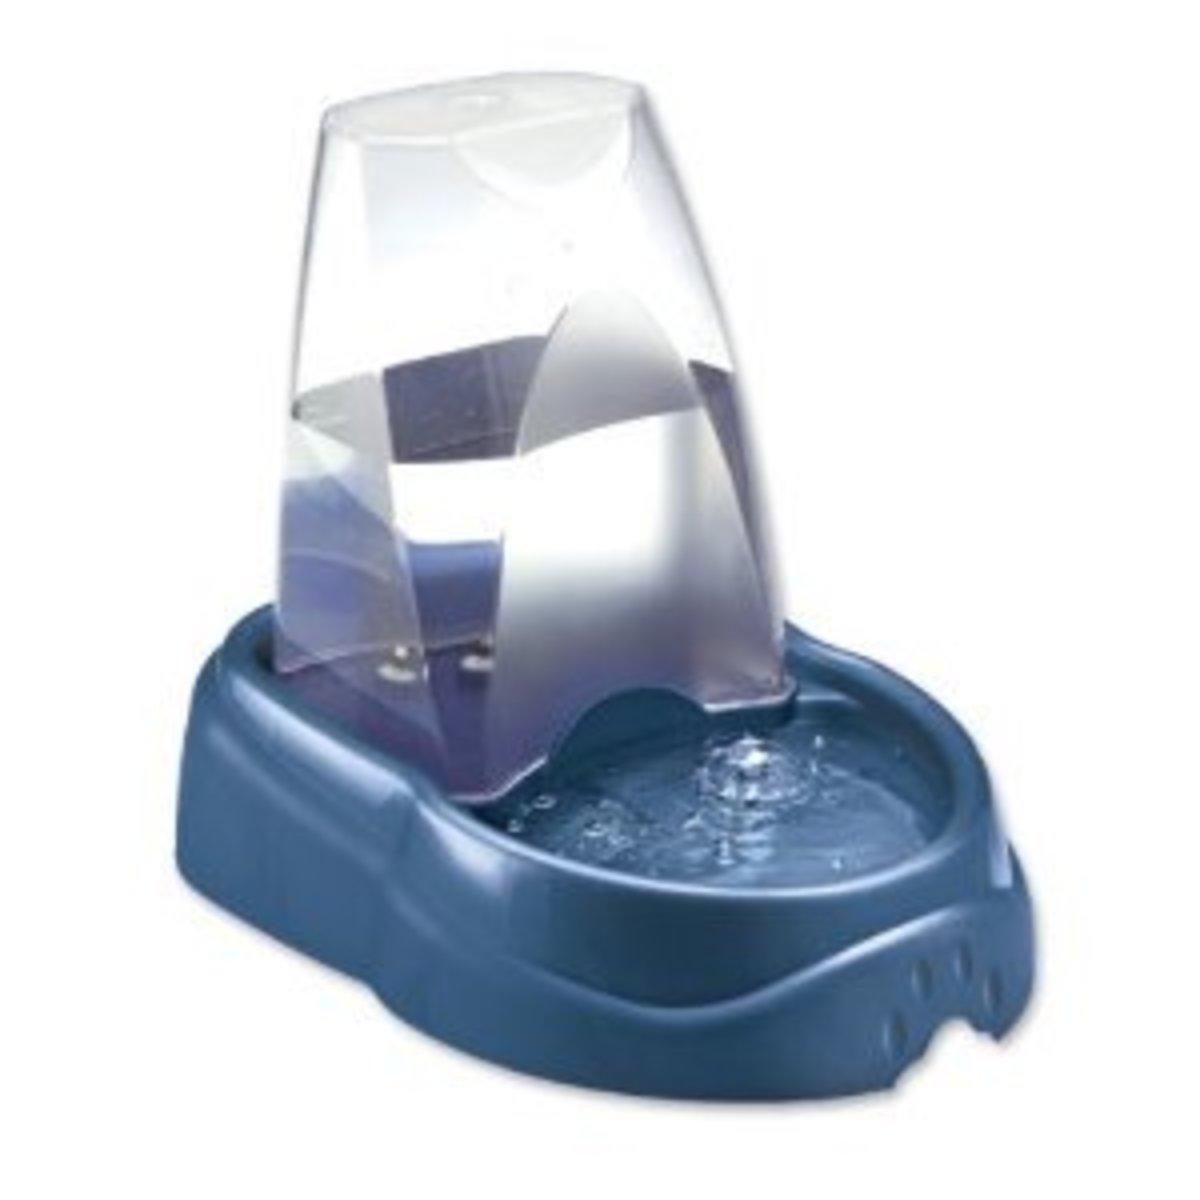 Petmate Ultra Bubbler Watering System, Medium, Peacock